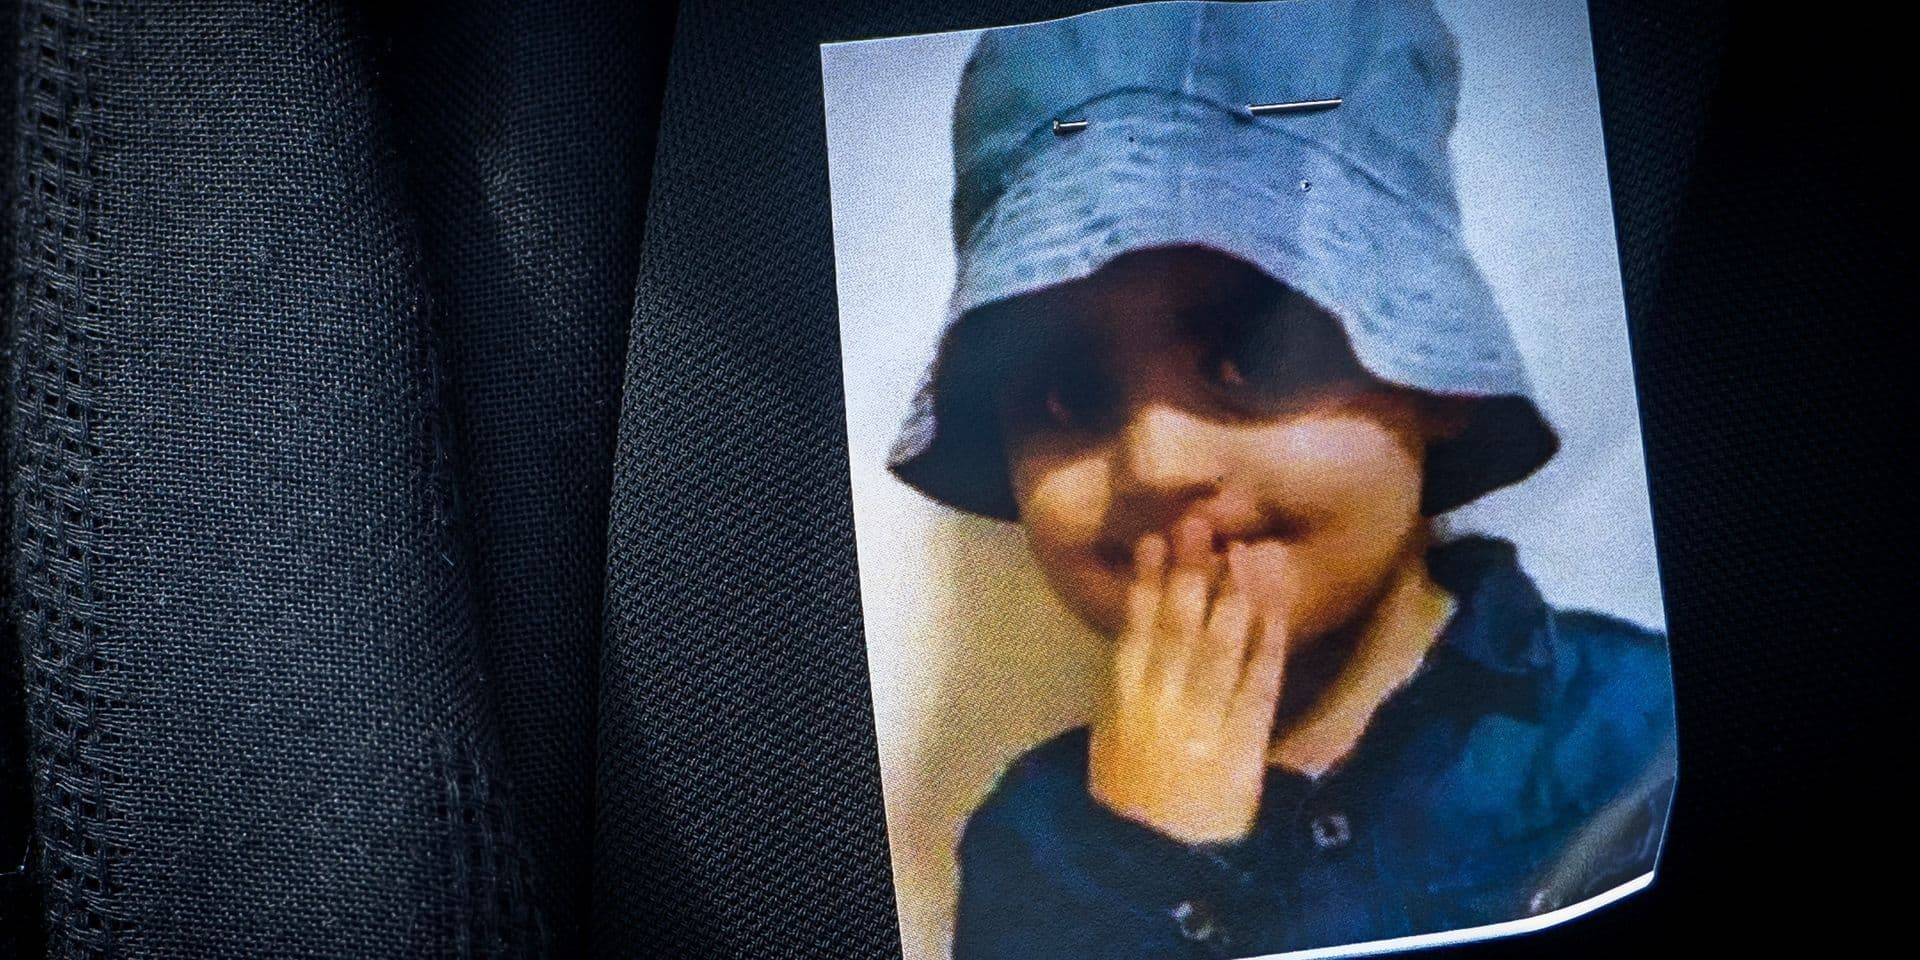 Affaire Mawda: un complément de peine de 2 ans requis contre le chauffeur de la camionnette